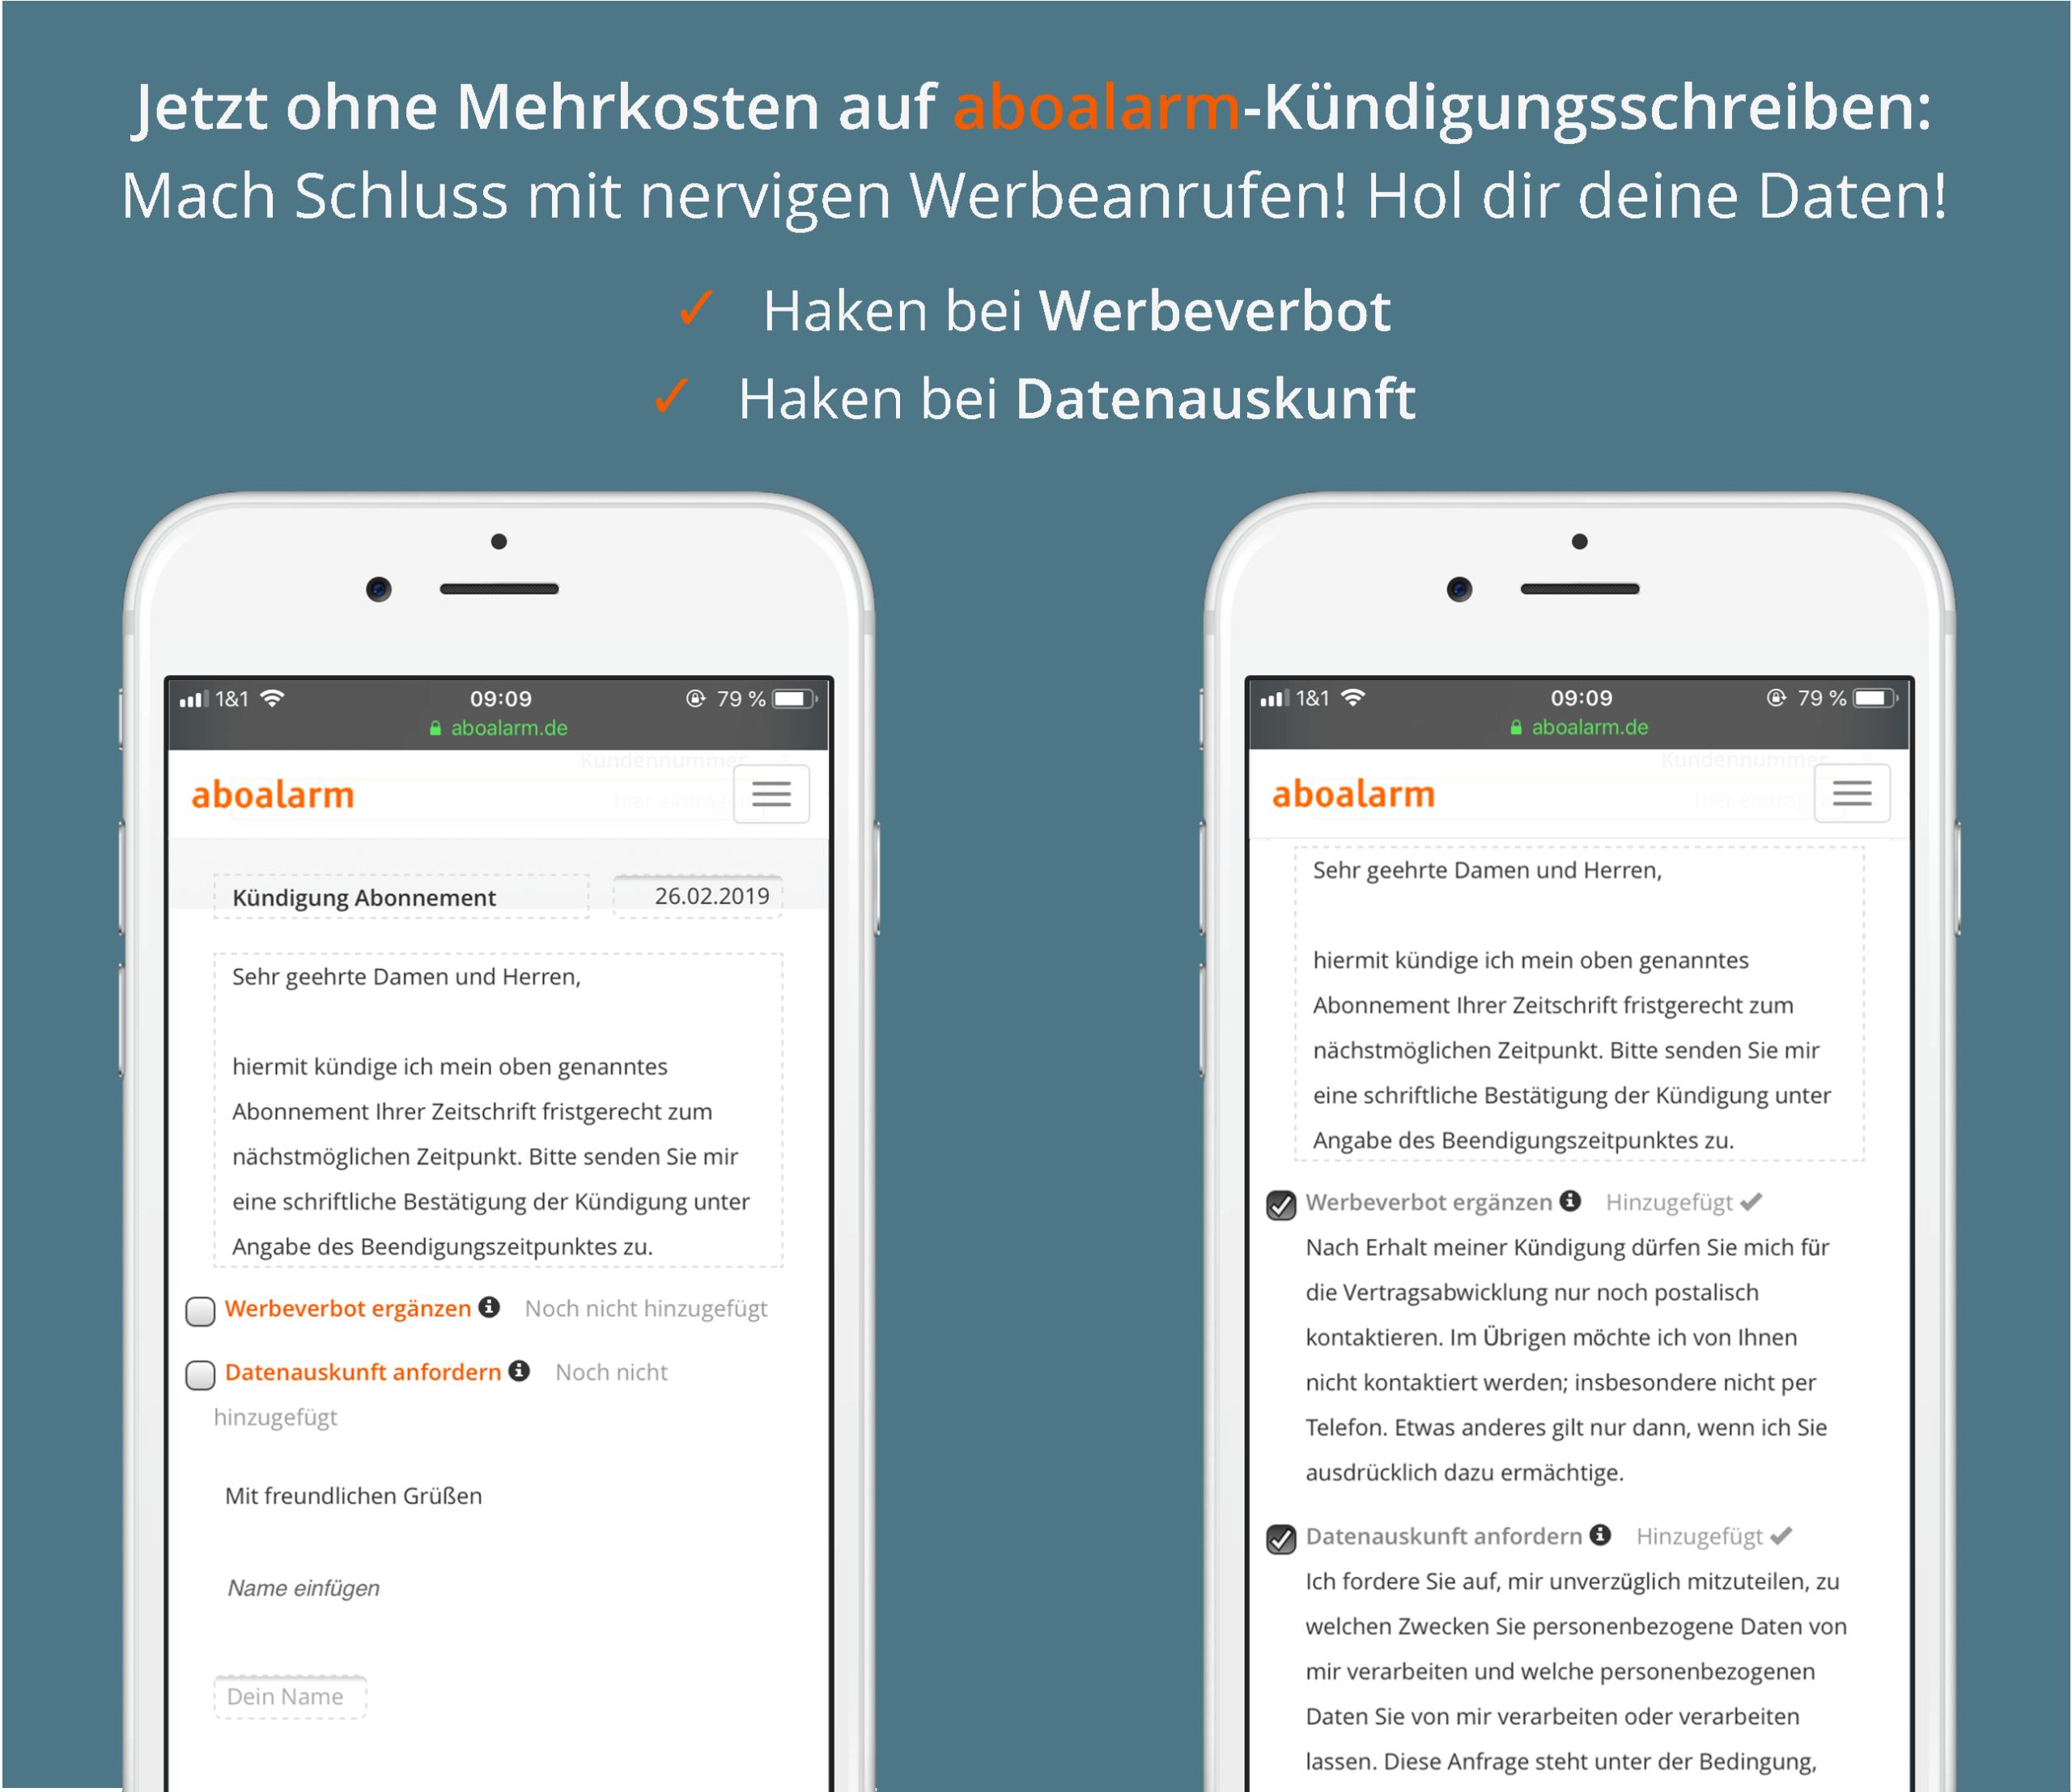 aboalarm Textboxen zu Werbeverbot und Datenauskunft